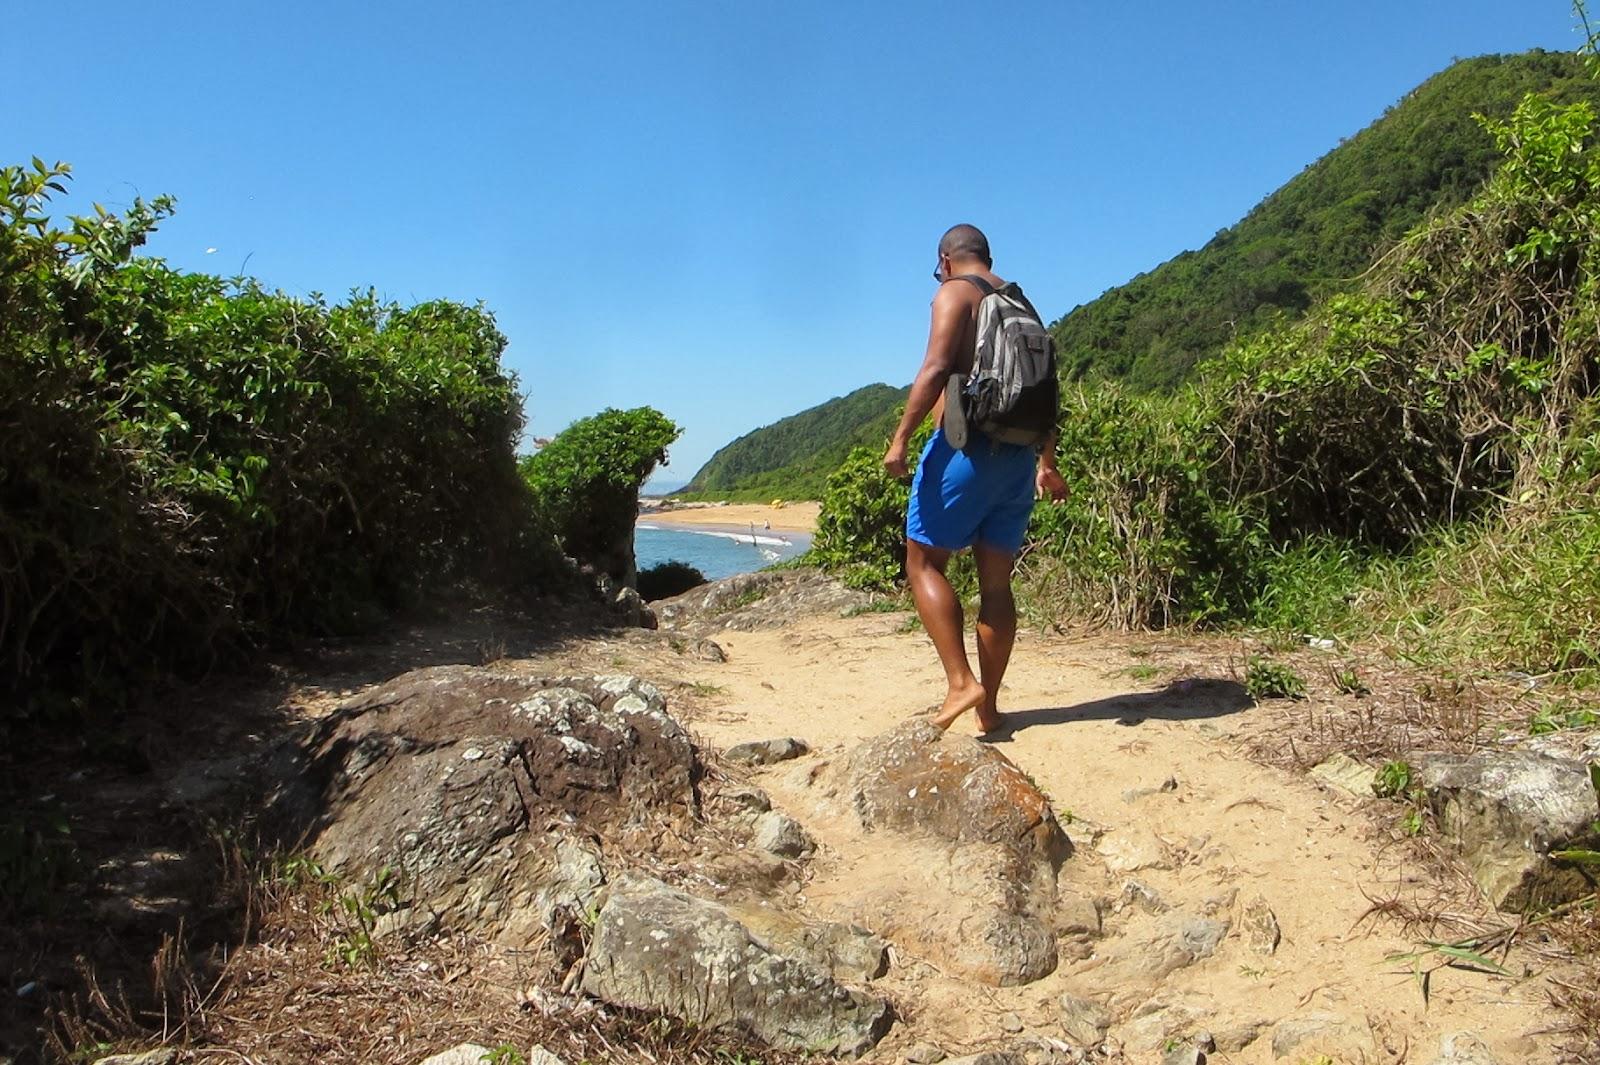 Trilha na Praia Vermelha, em Penha, no litoral catarinense.